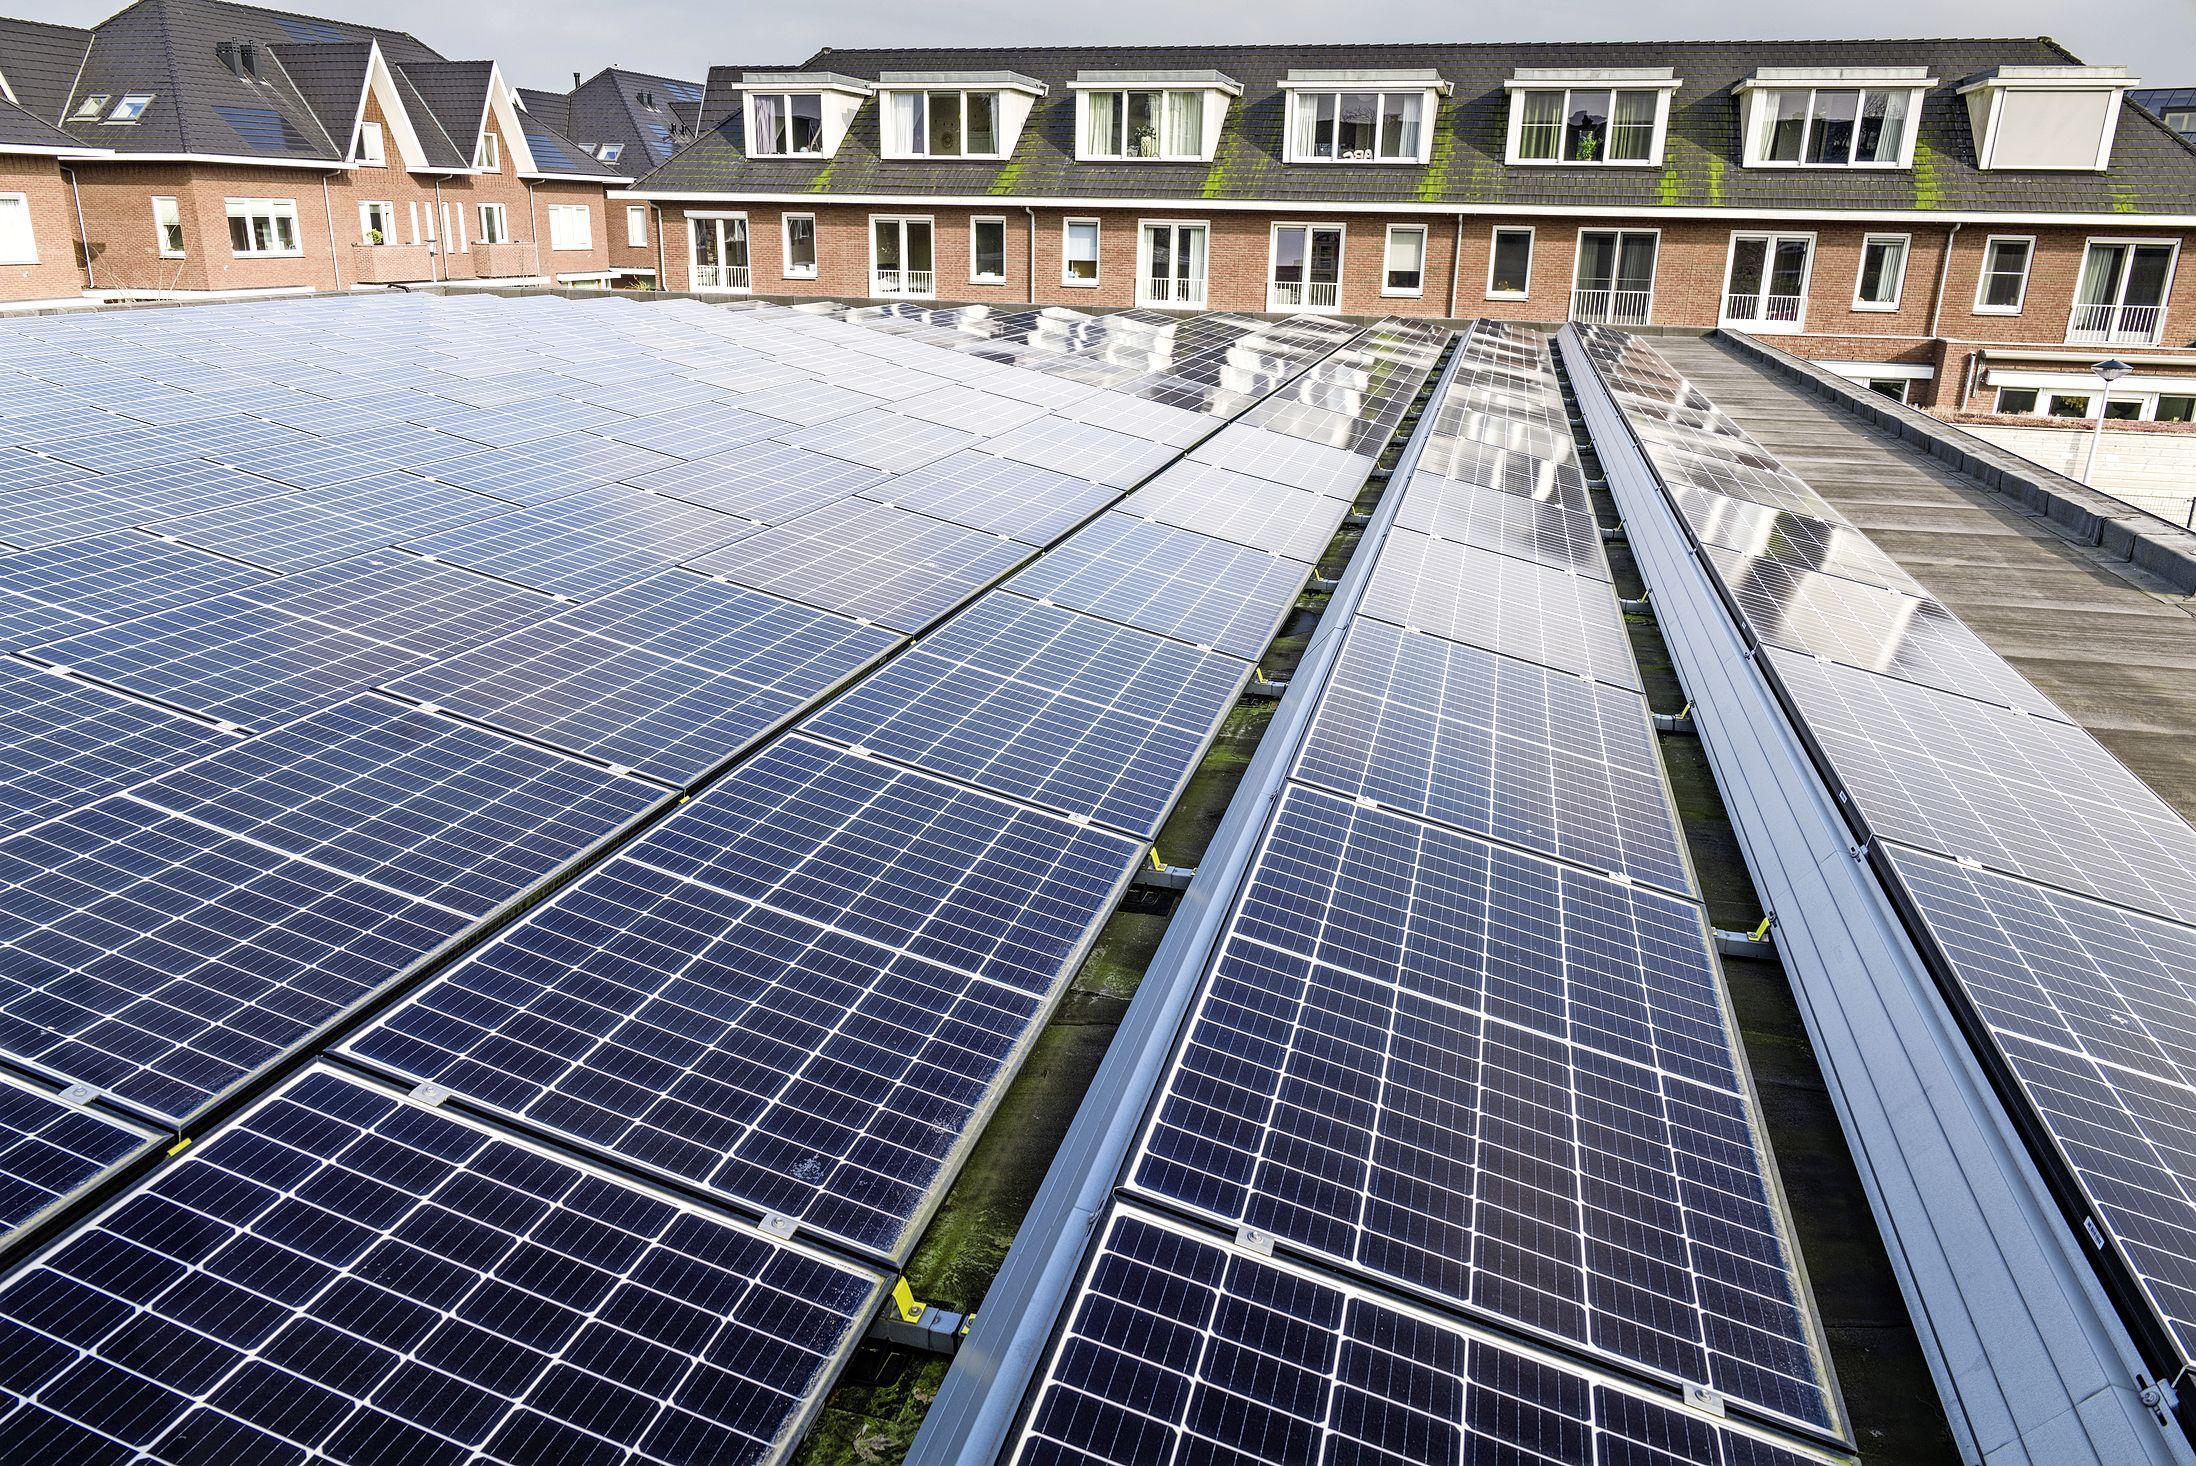 Energiecoöperaties vinden aantal zoekgebieden in RES te gering: 'Klimaatverandering wacht niet op ons getreuzel'